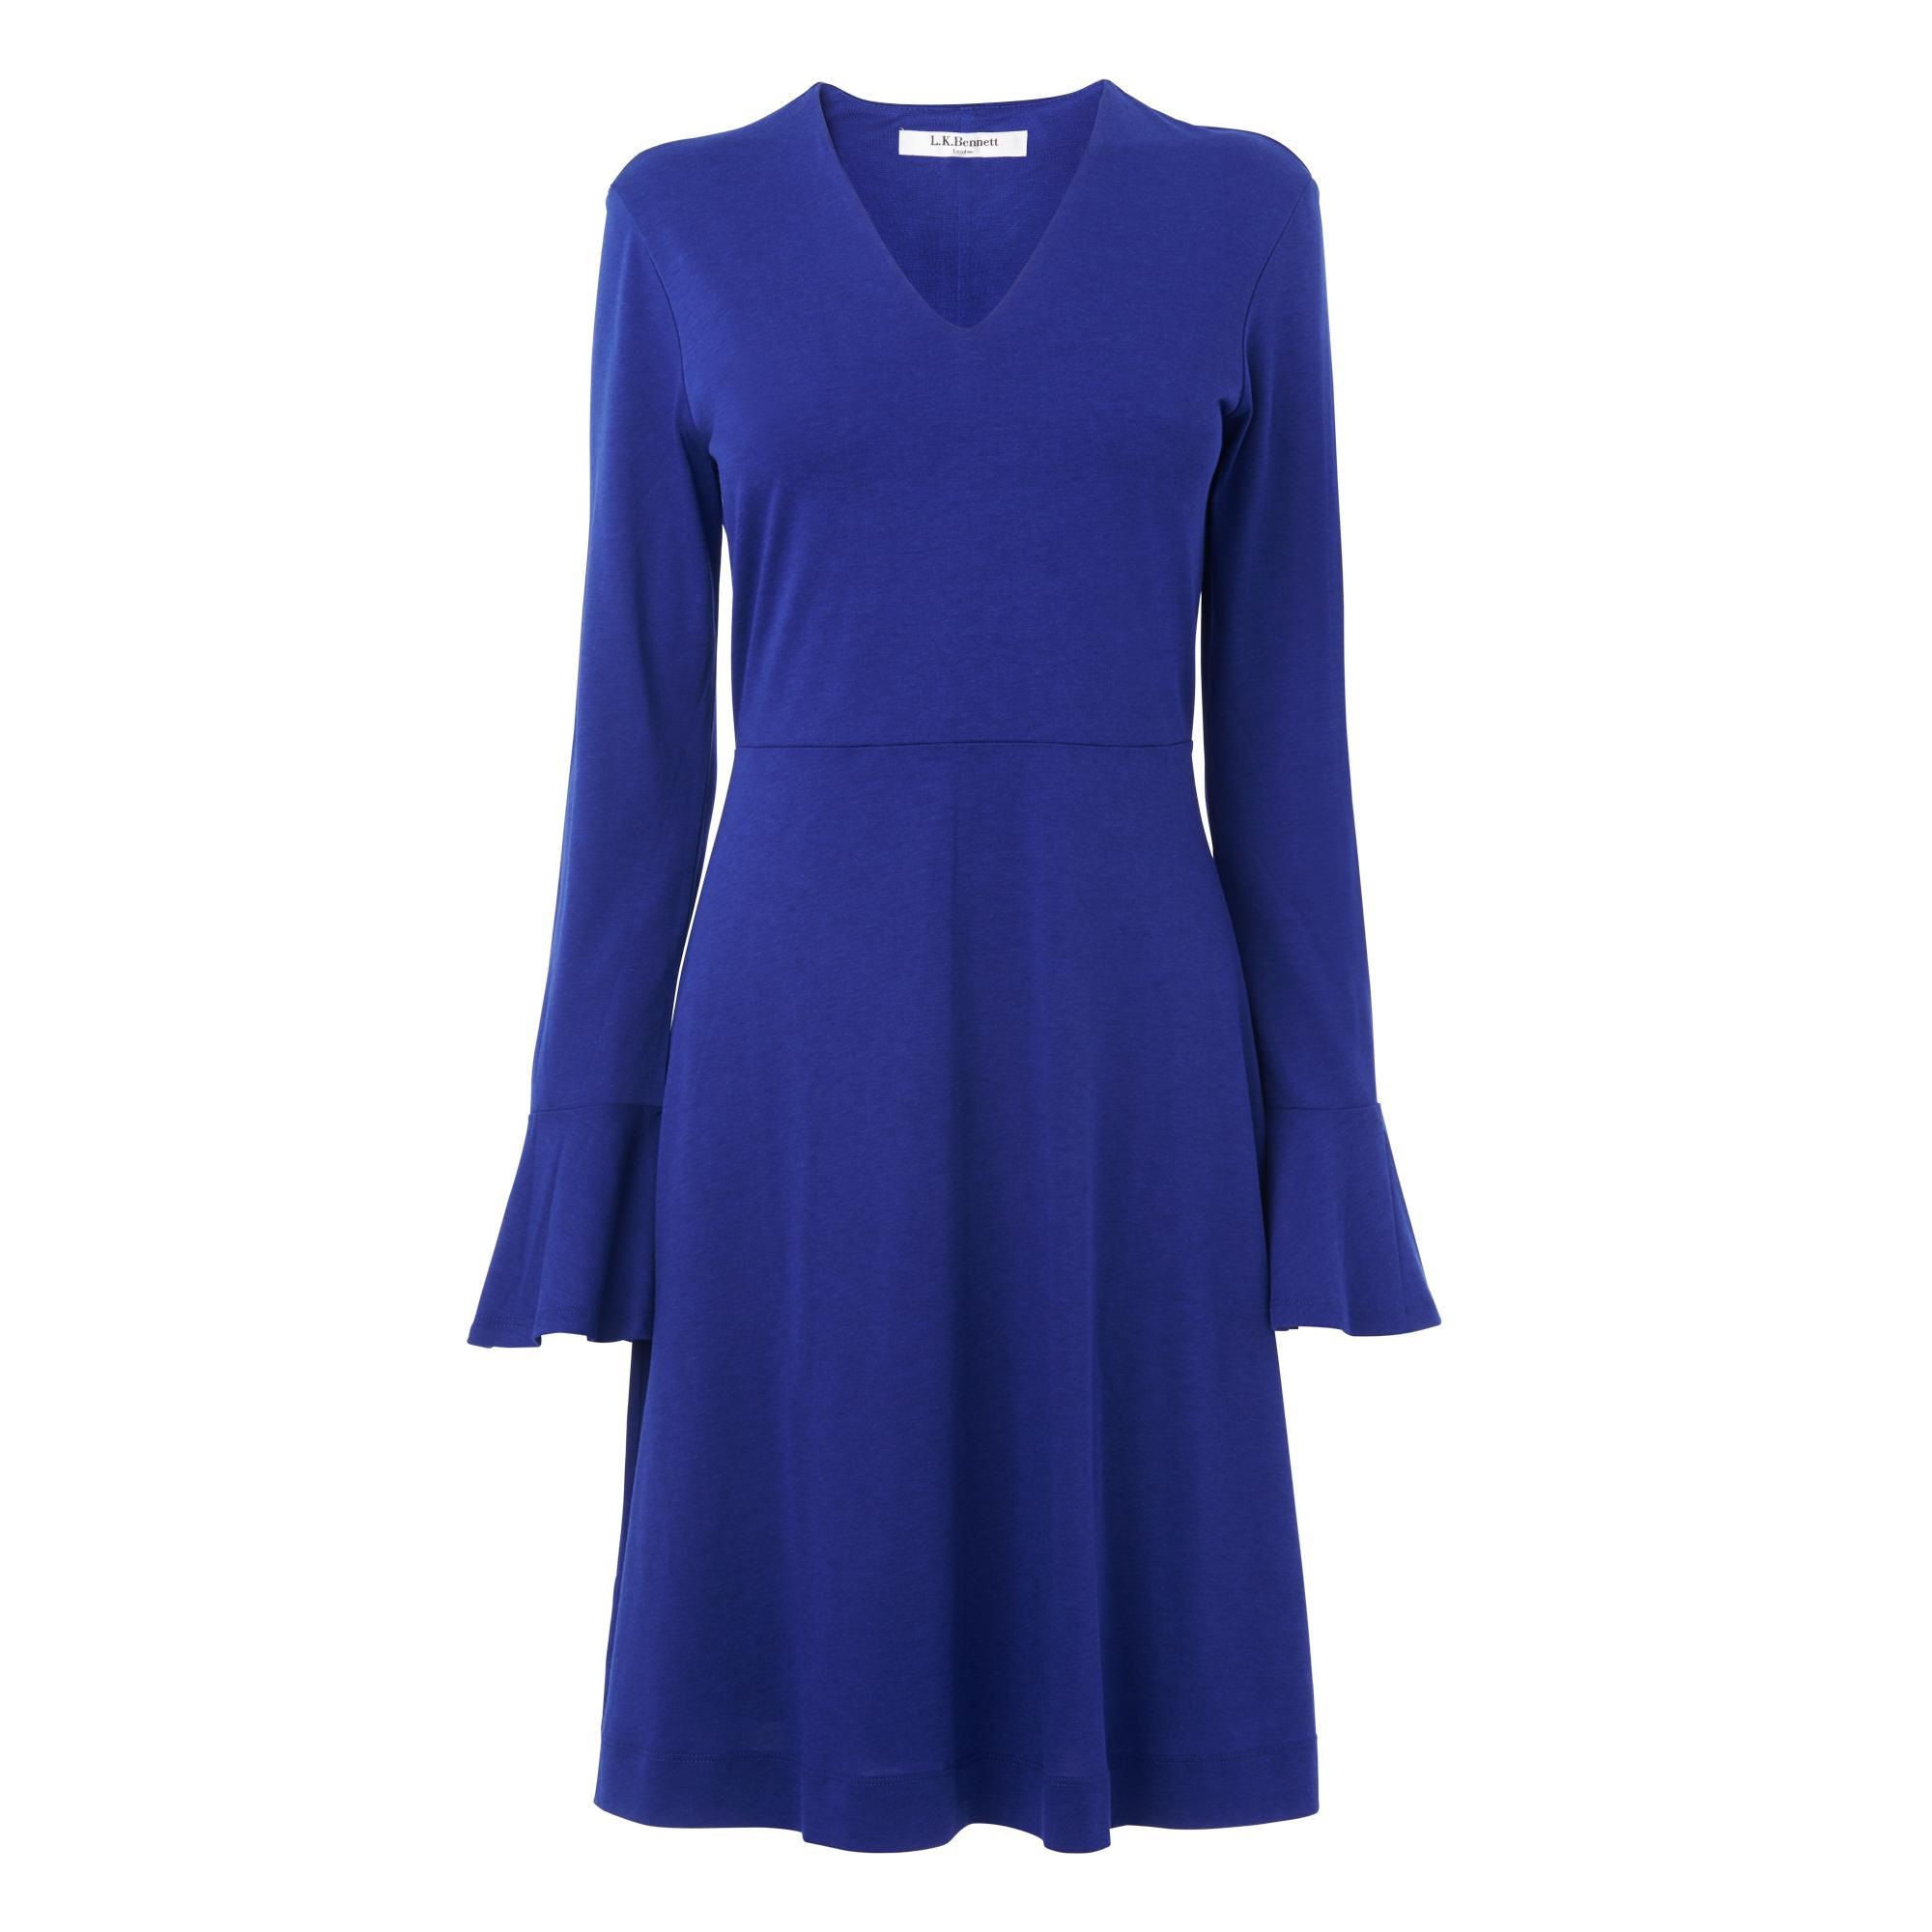 Amano Blue Jersey Dress